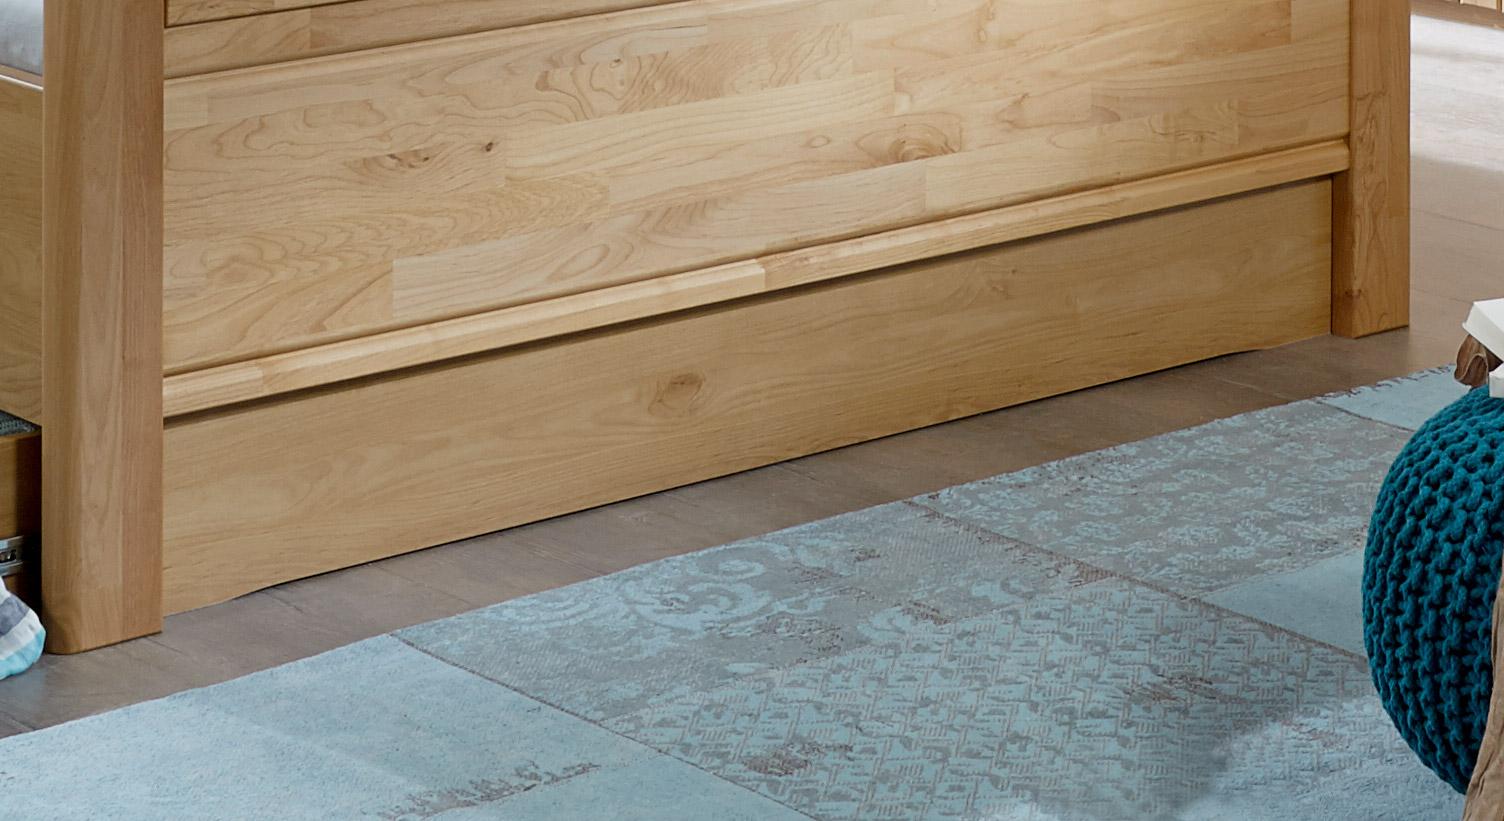 Bett-Schubkasten Trikomo inklusive Fußteilverblendung